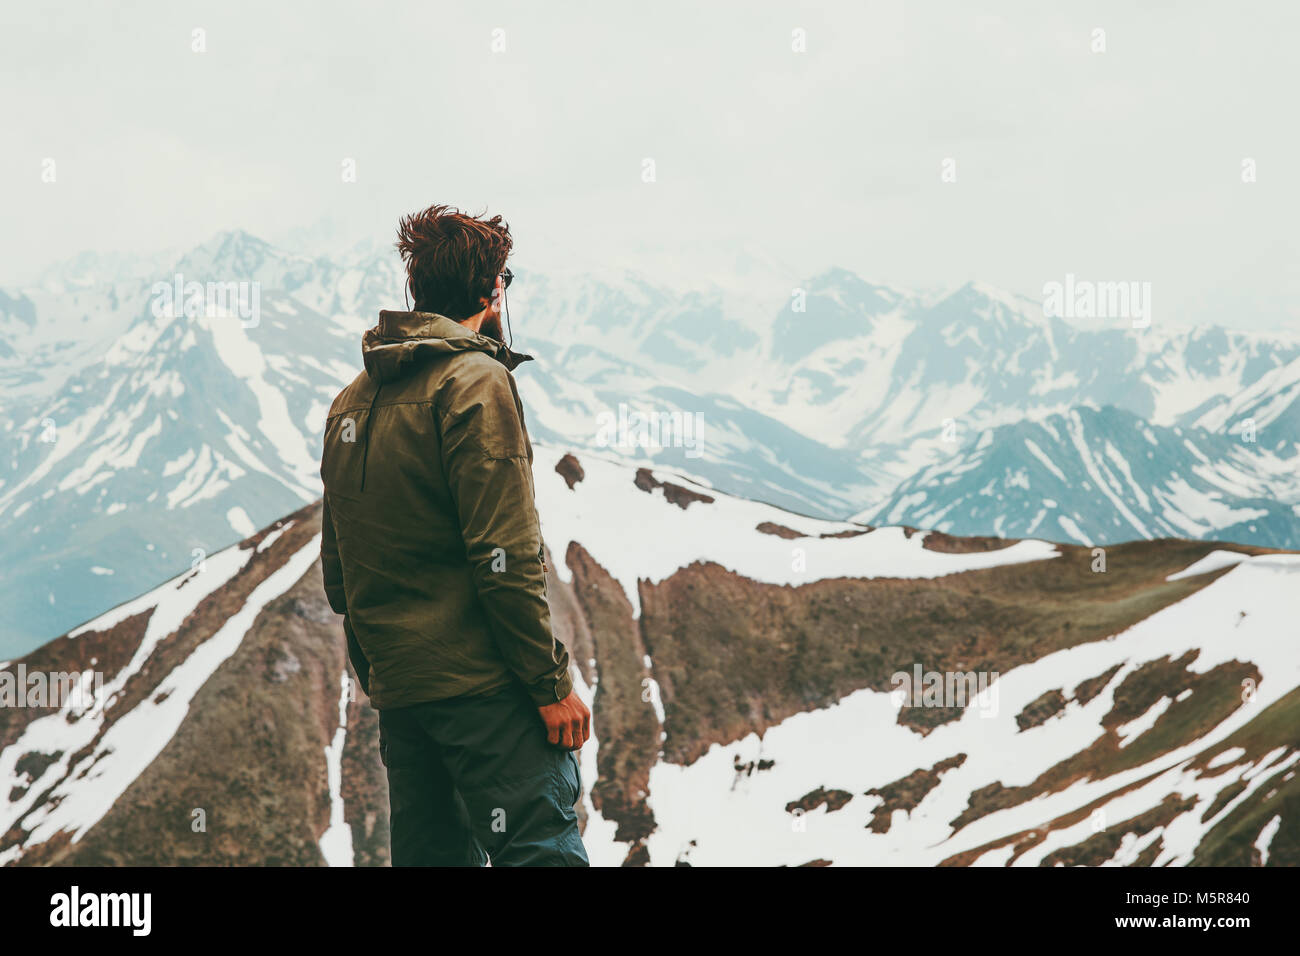 L'homme seul voyageur voyage paysage montagnes dérive de la notion de style de vie actif en plein air aventure trekking Banque D'Images